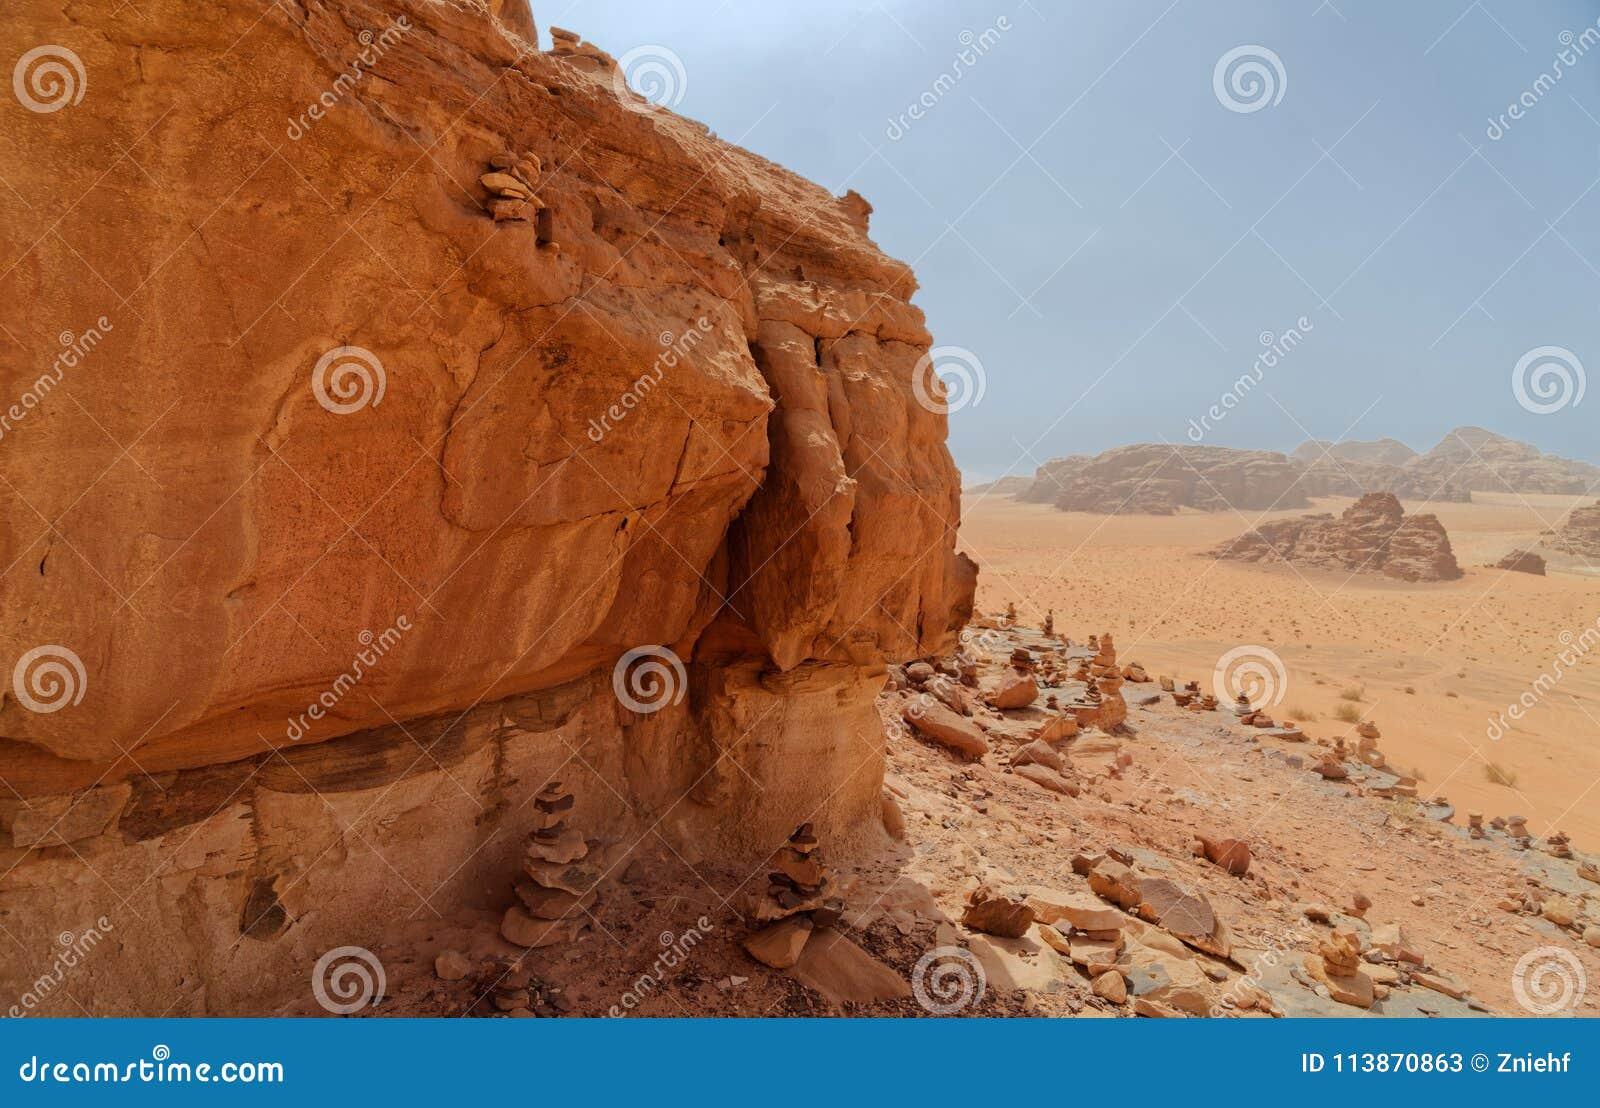 Sammansatt panorama av höga upplösningsflygbilder av ett monolitiskt berg i det centrala området av ökenreserven av Wadi Rum